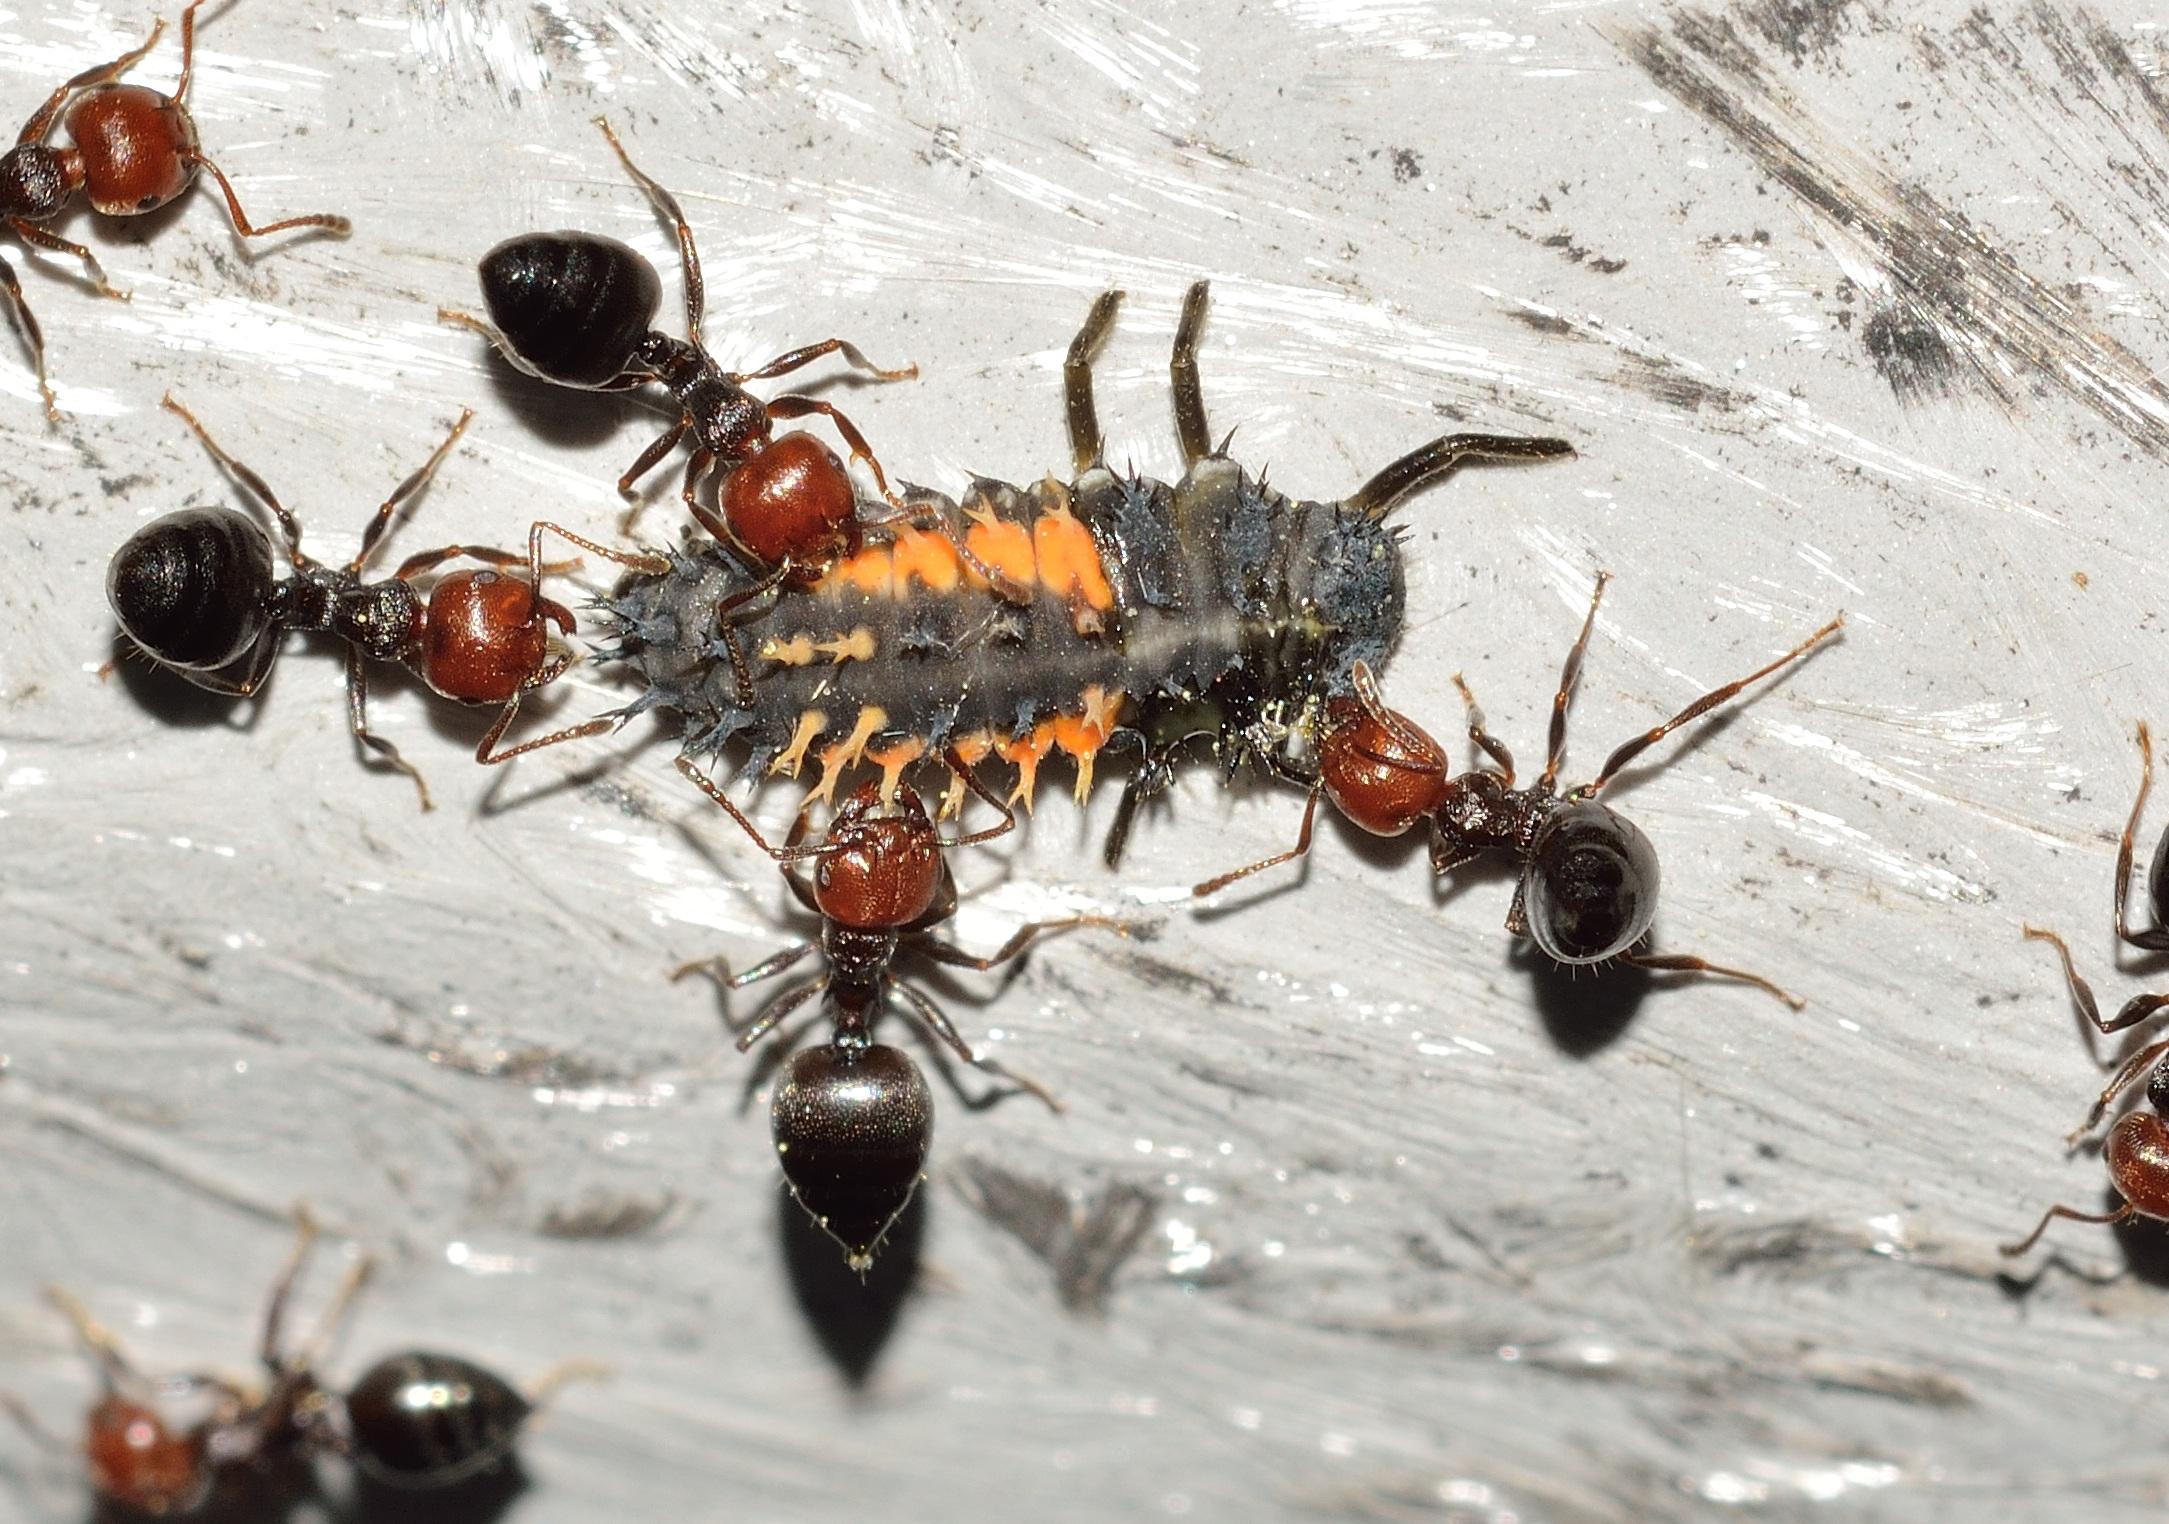 одна насекомое которые едят муравьев картинки дрель, конструктивные